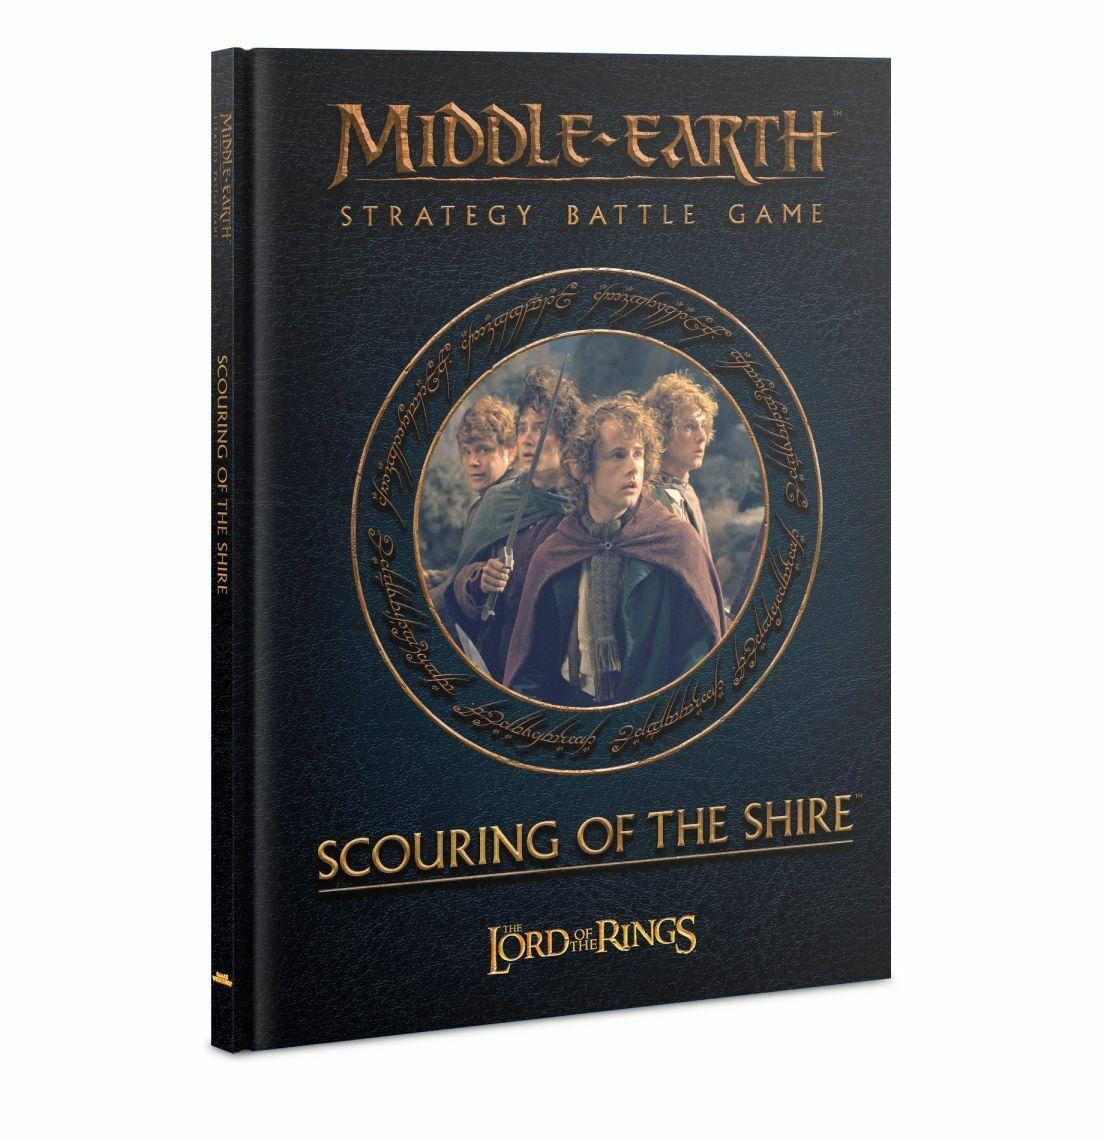 più economico Middle Earth Scouring Of The Shire (Inglese) GW Uomo Anelli Anelli Anelli Hobbit Sbg  risparmia fino al 50%